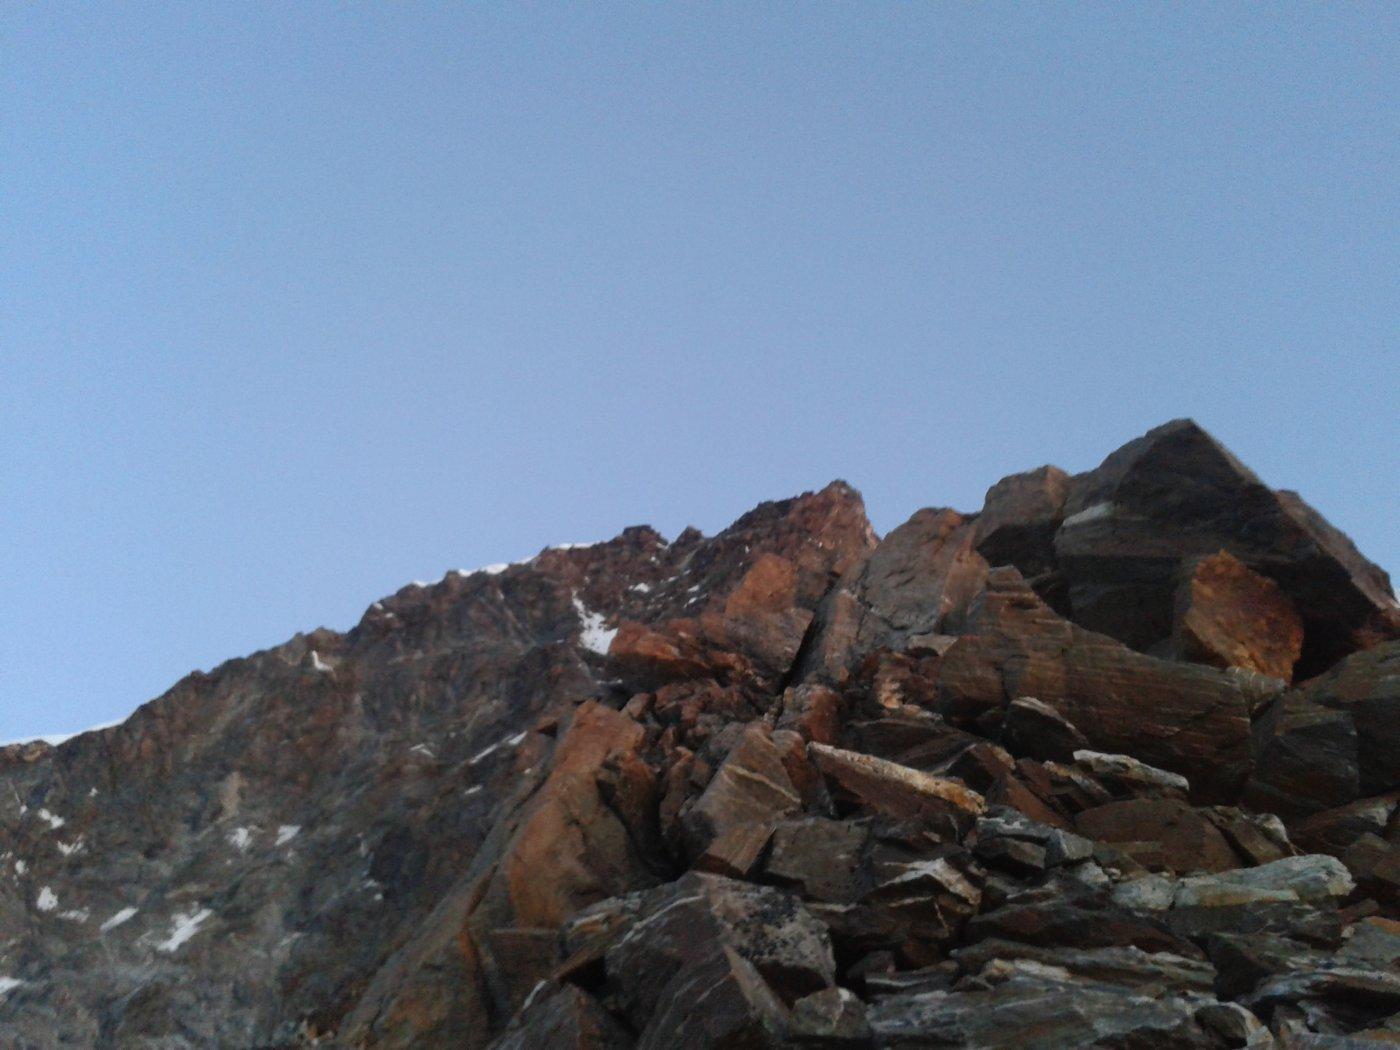 la qualità della roccia non è il massimo